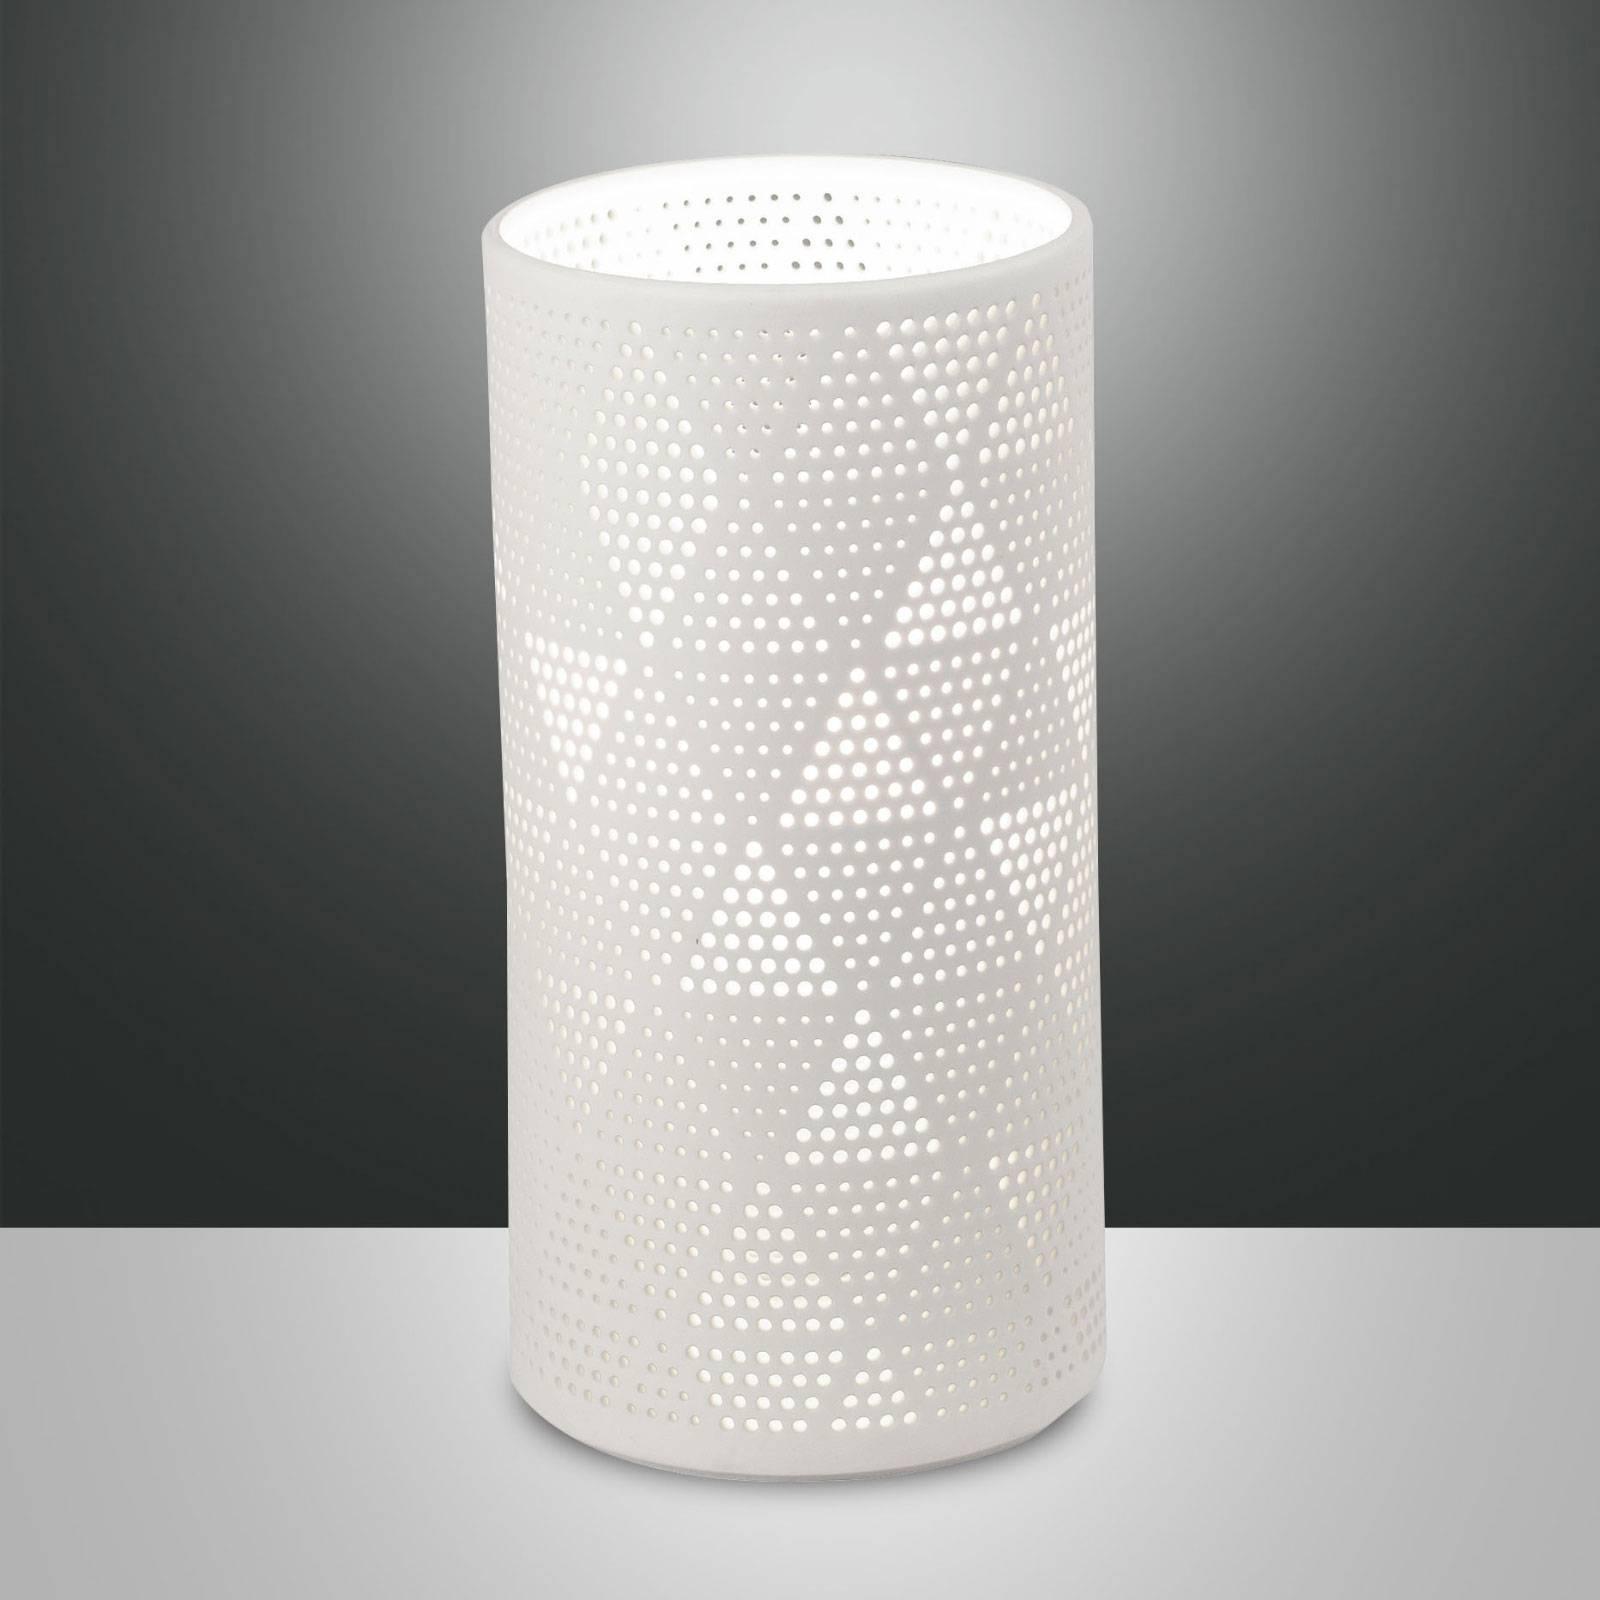 Tafellamp Micol van keramiek, hoogte 20 cm